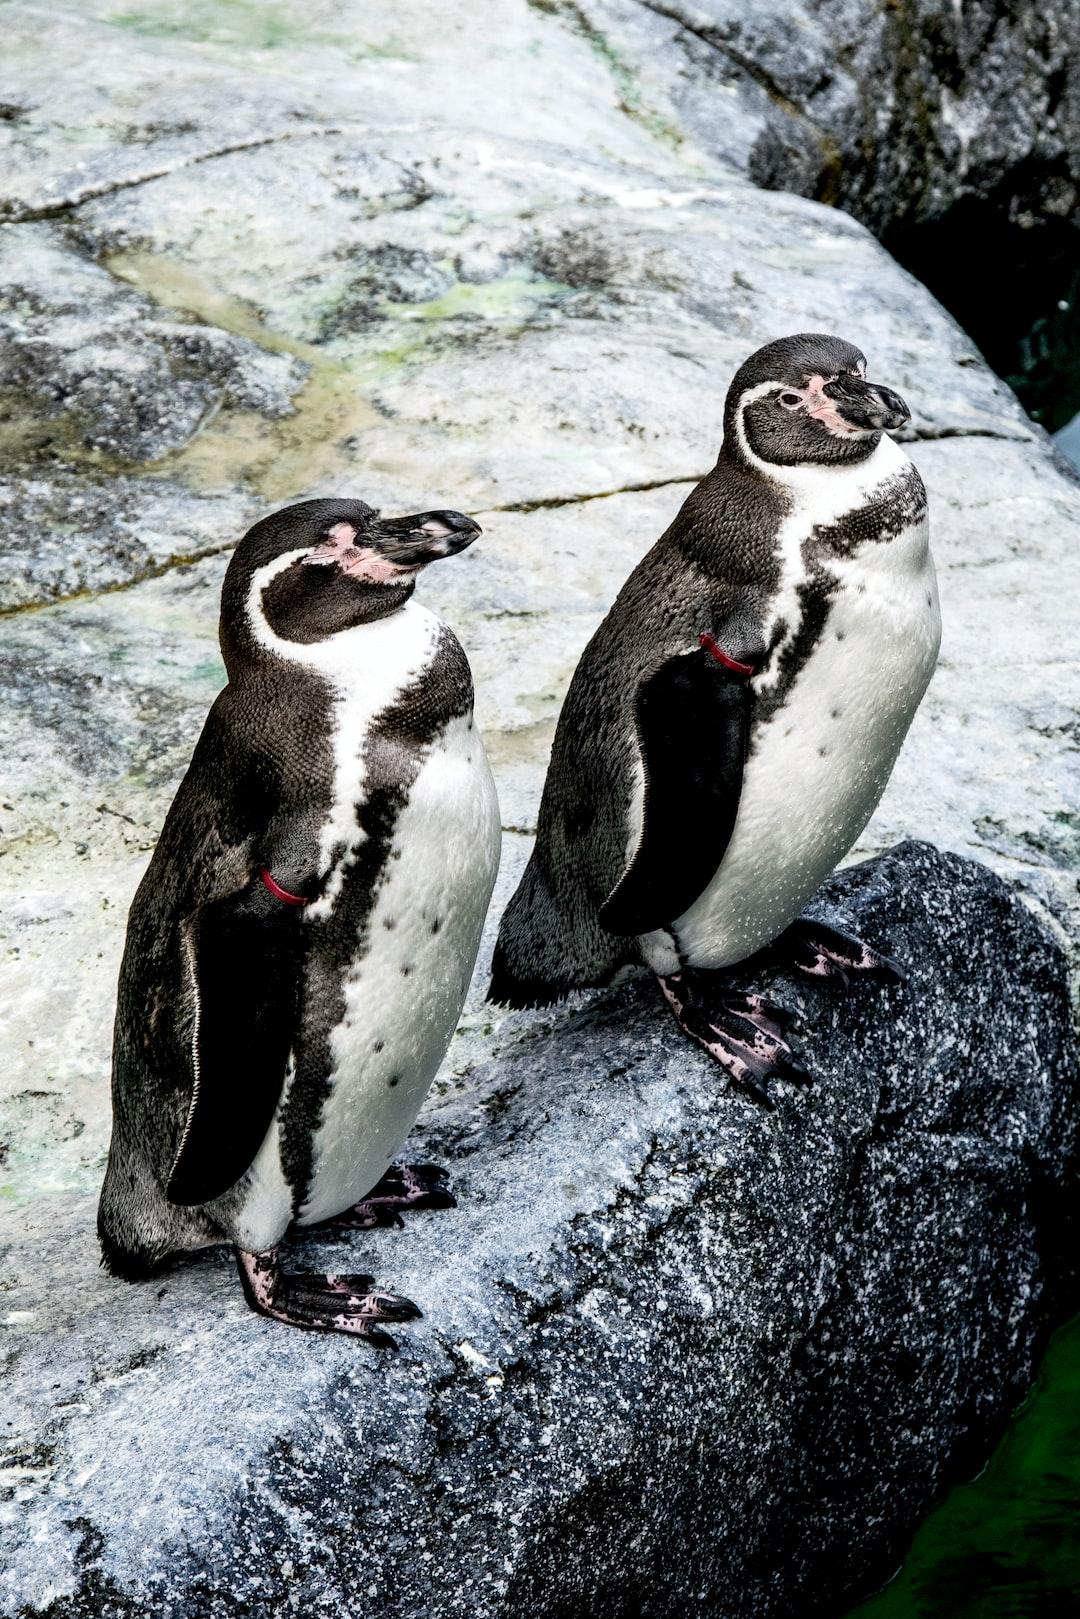 Penguins in Klaipeda